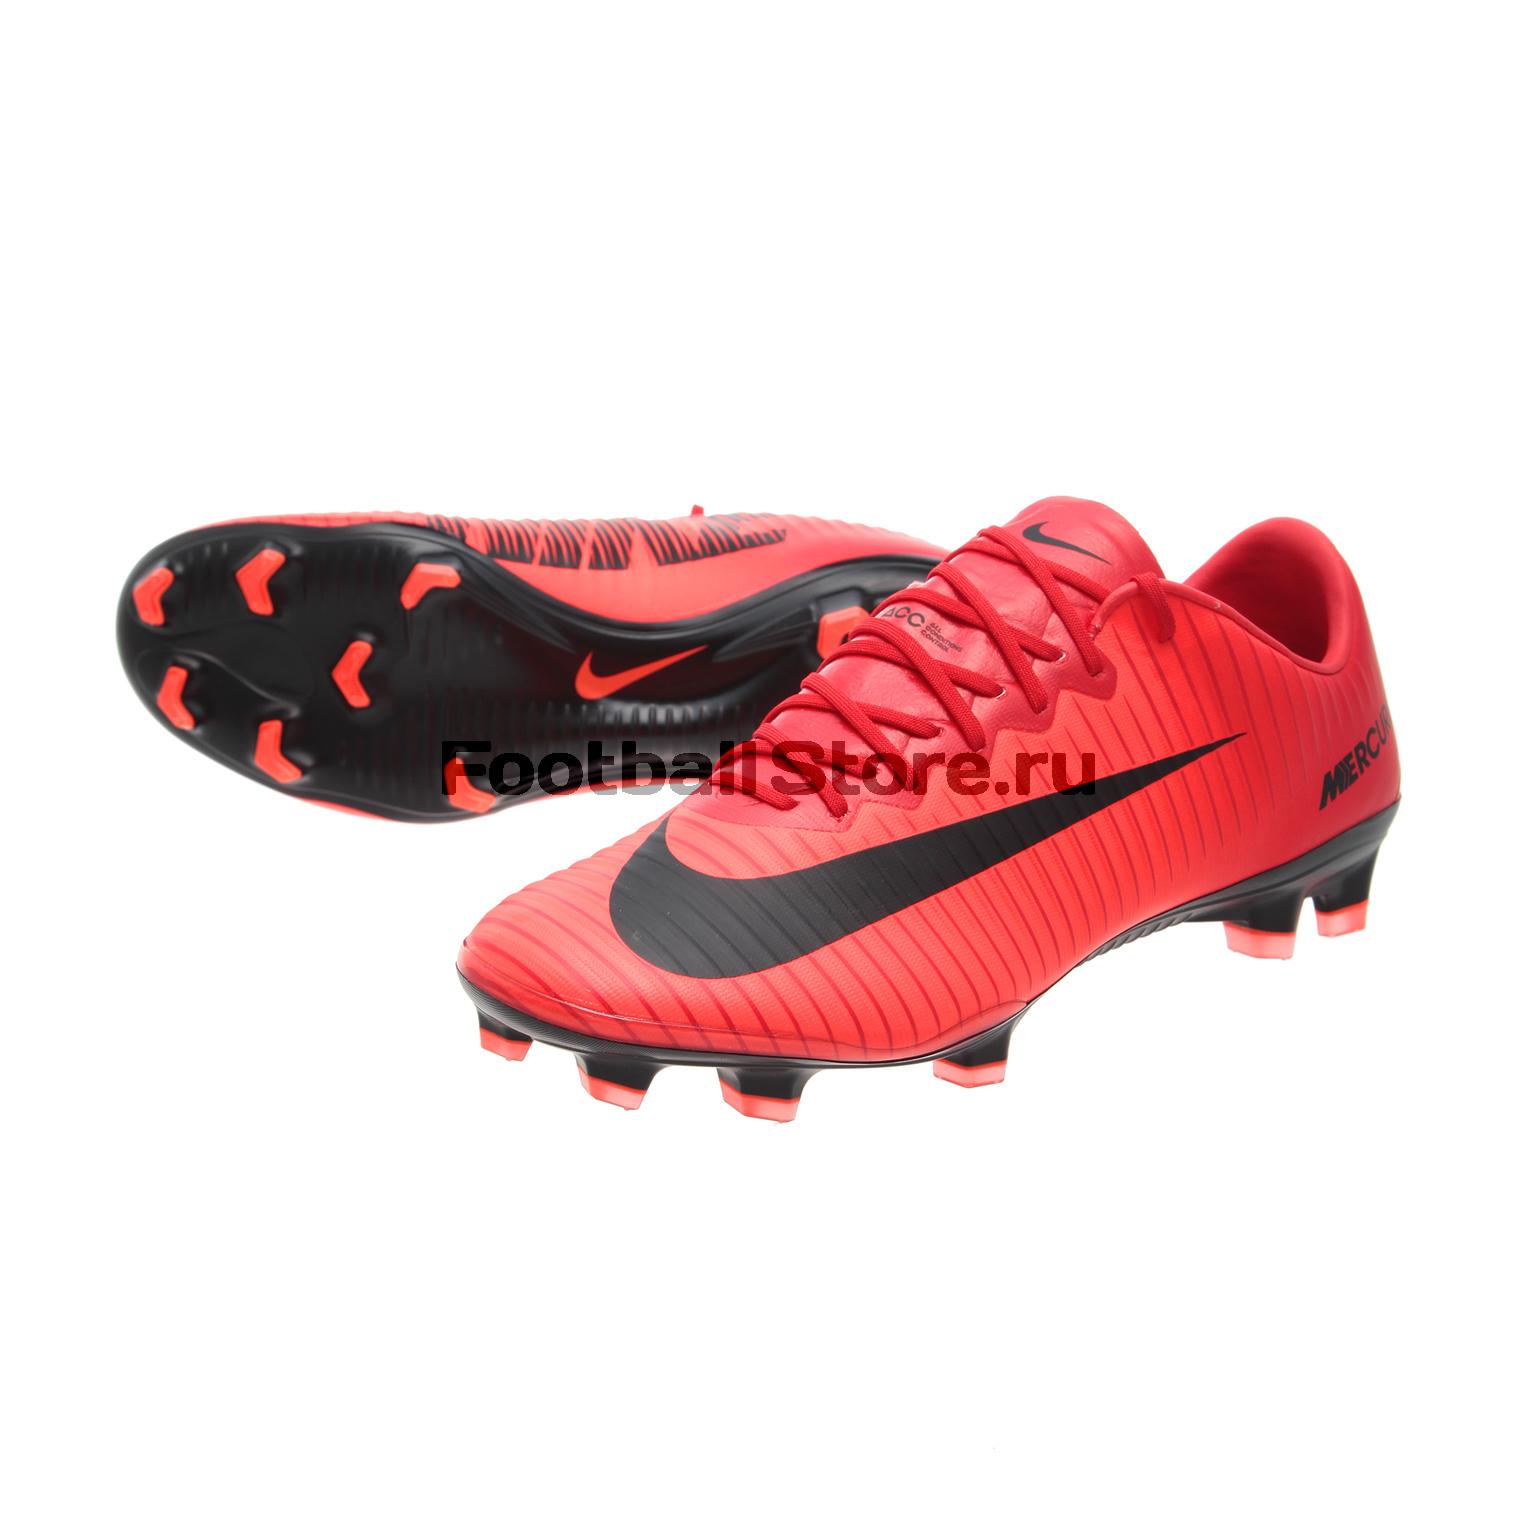 8aea7f8e Бутсы Nike Mercurial Vapor XI FG 831958-616 – купить бутсы в ...